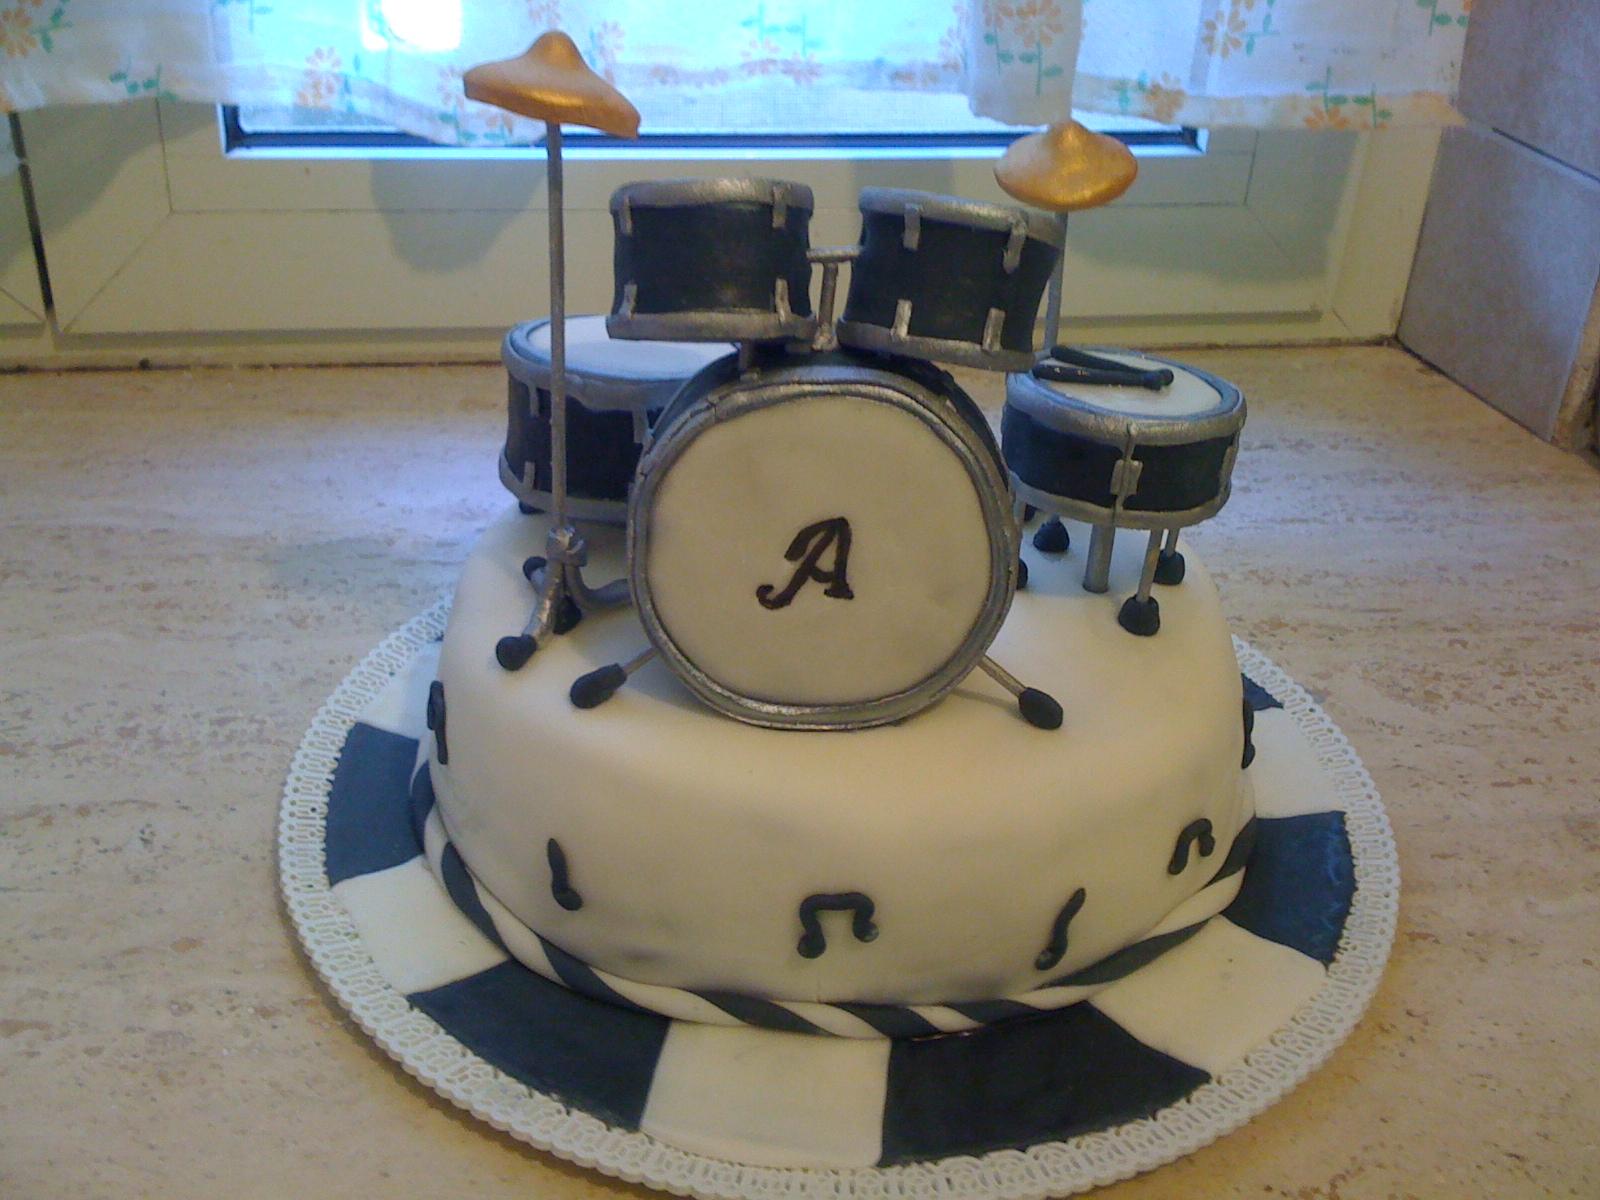 Cake Design Strumenti Musicali : Torta batteria musicale in pdz cake drums pasta di zucchero